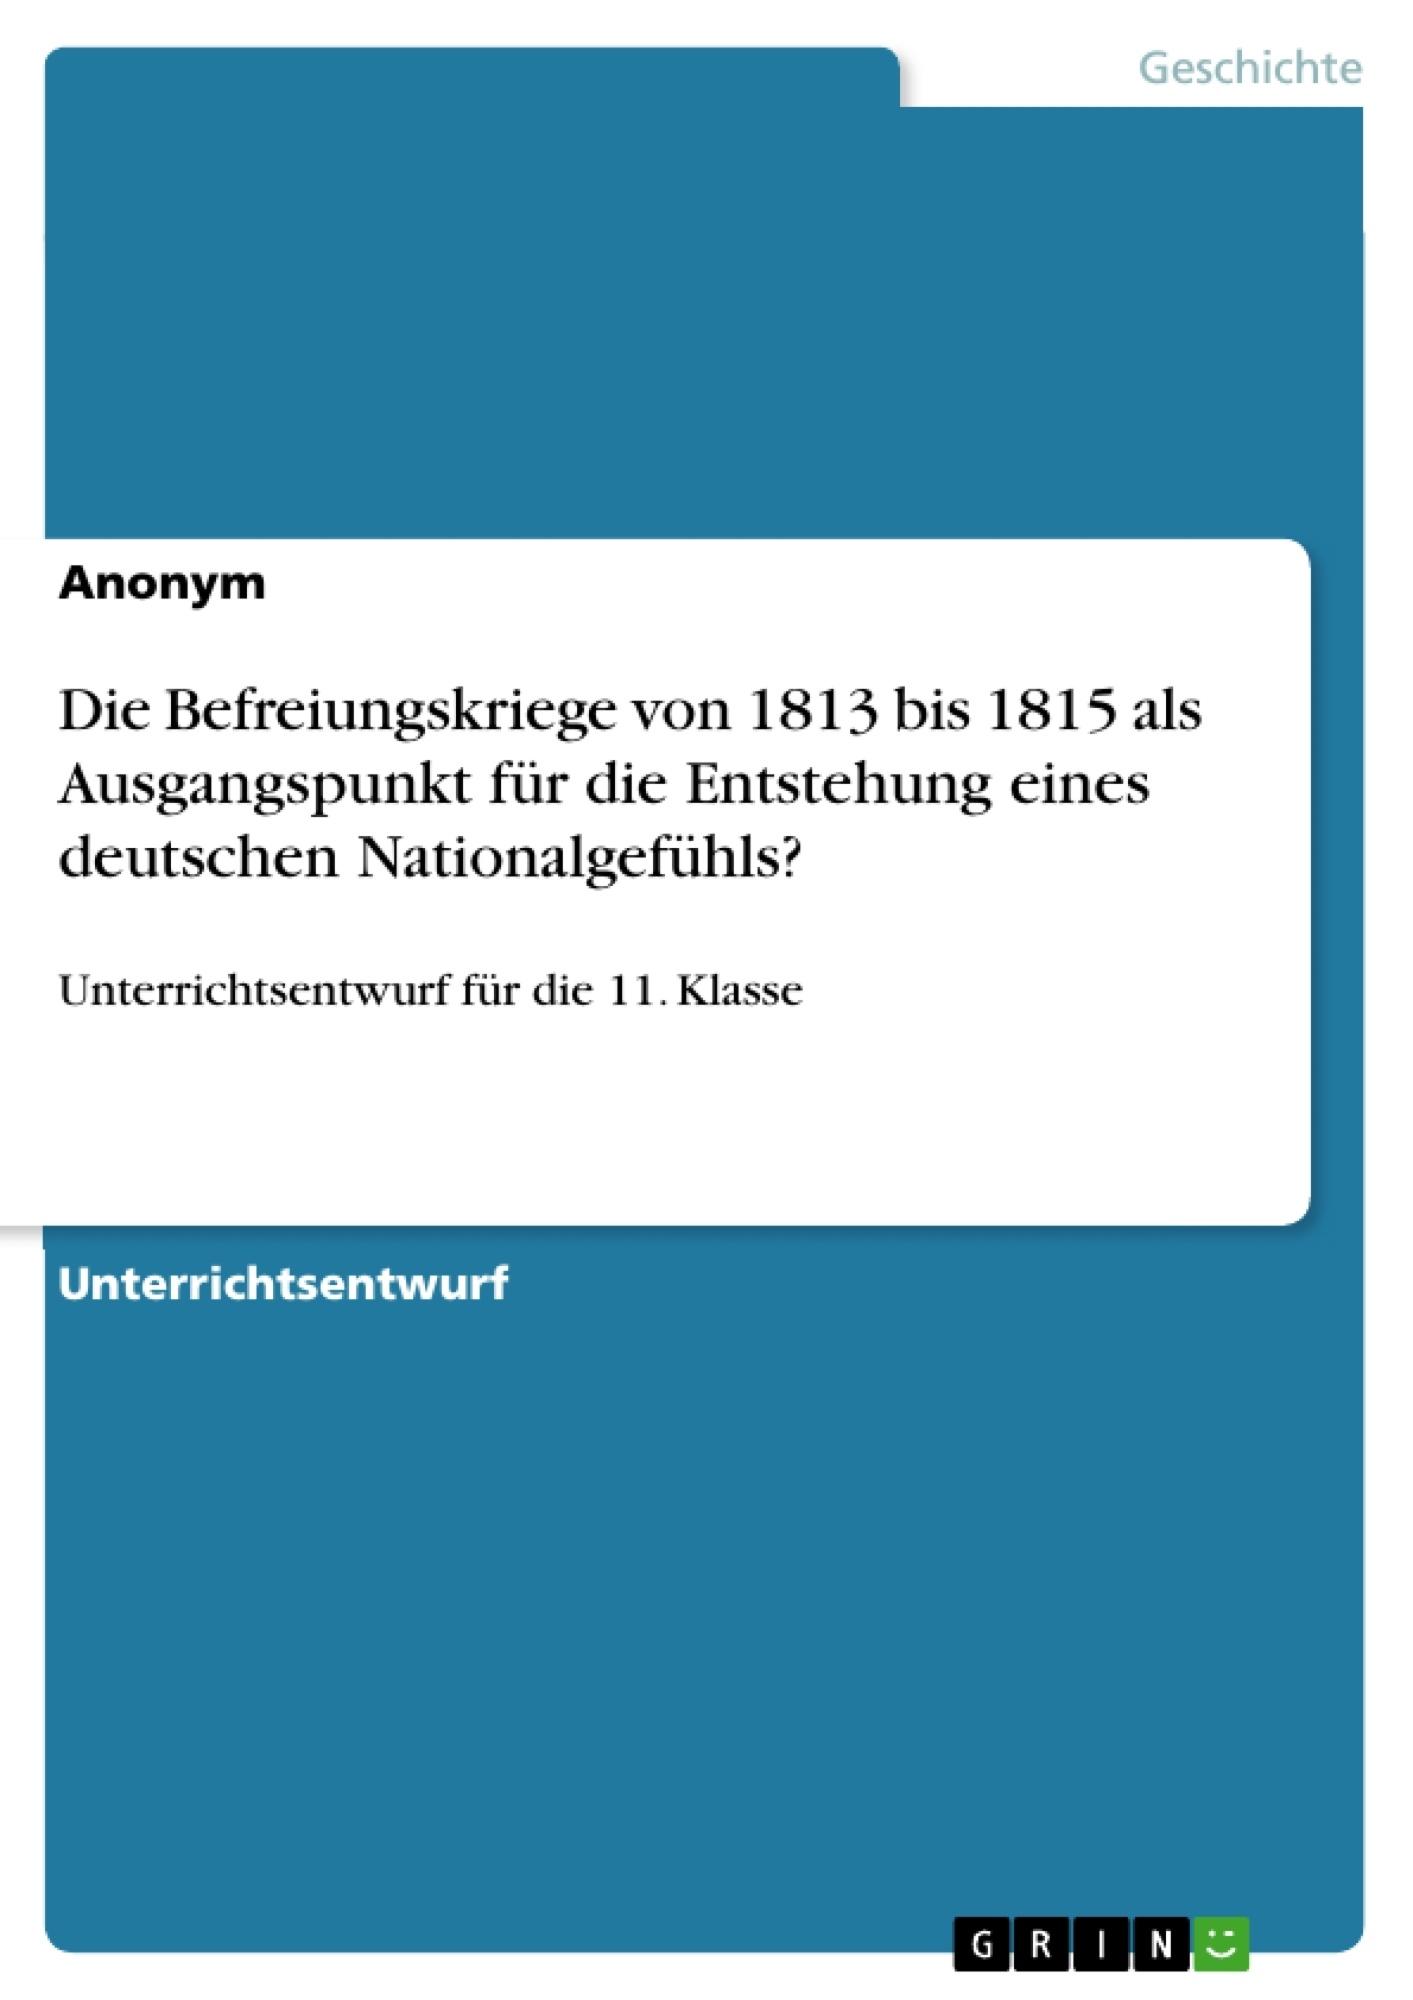 Titel: Die Befreiungskriege von 1813 bis 1815 als Ausgangspunkt für die Entstehung eines deutschen Nationalgefühls?